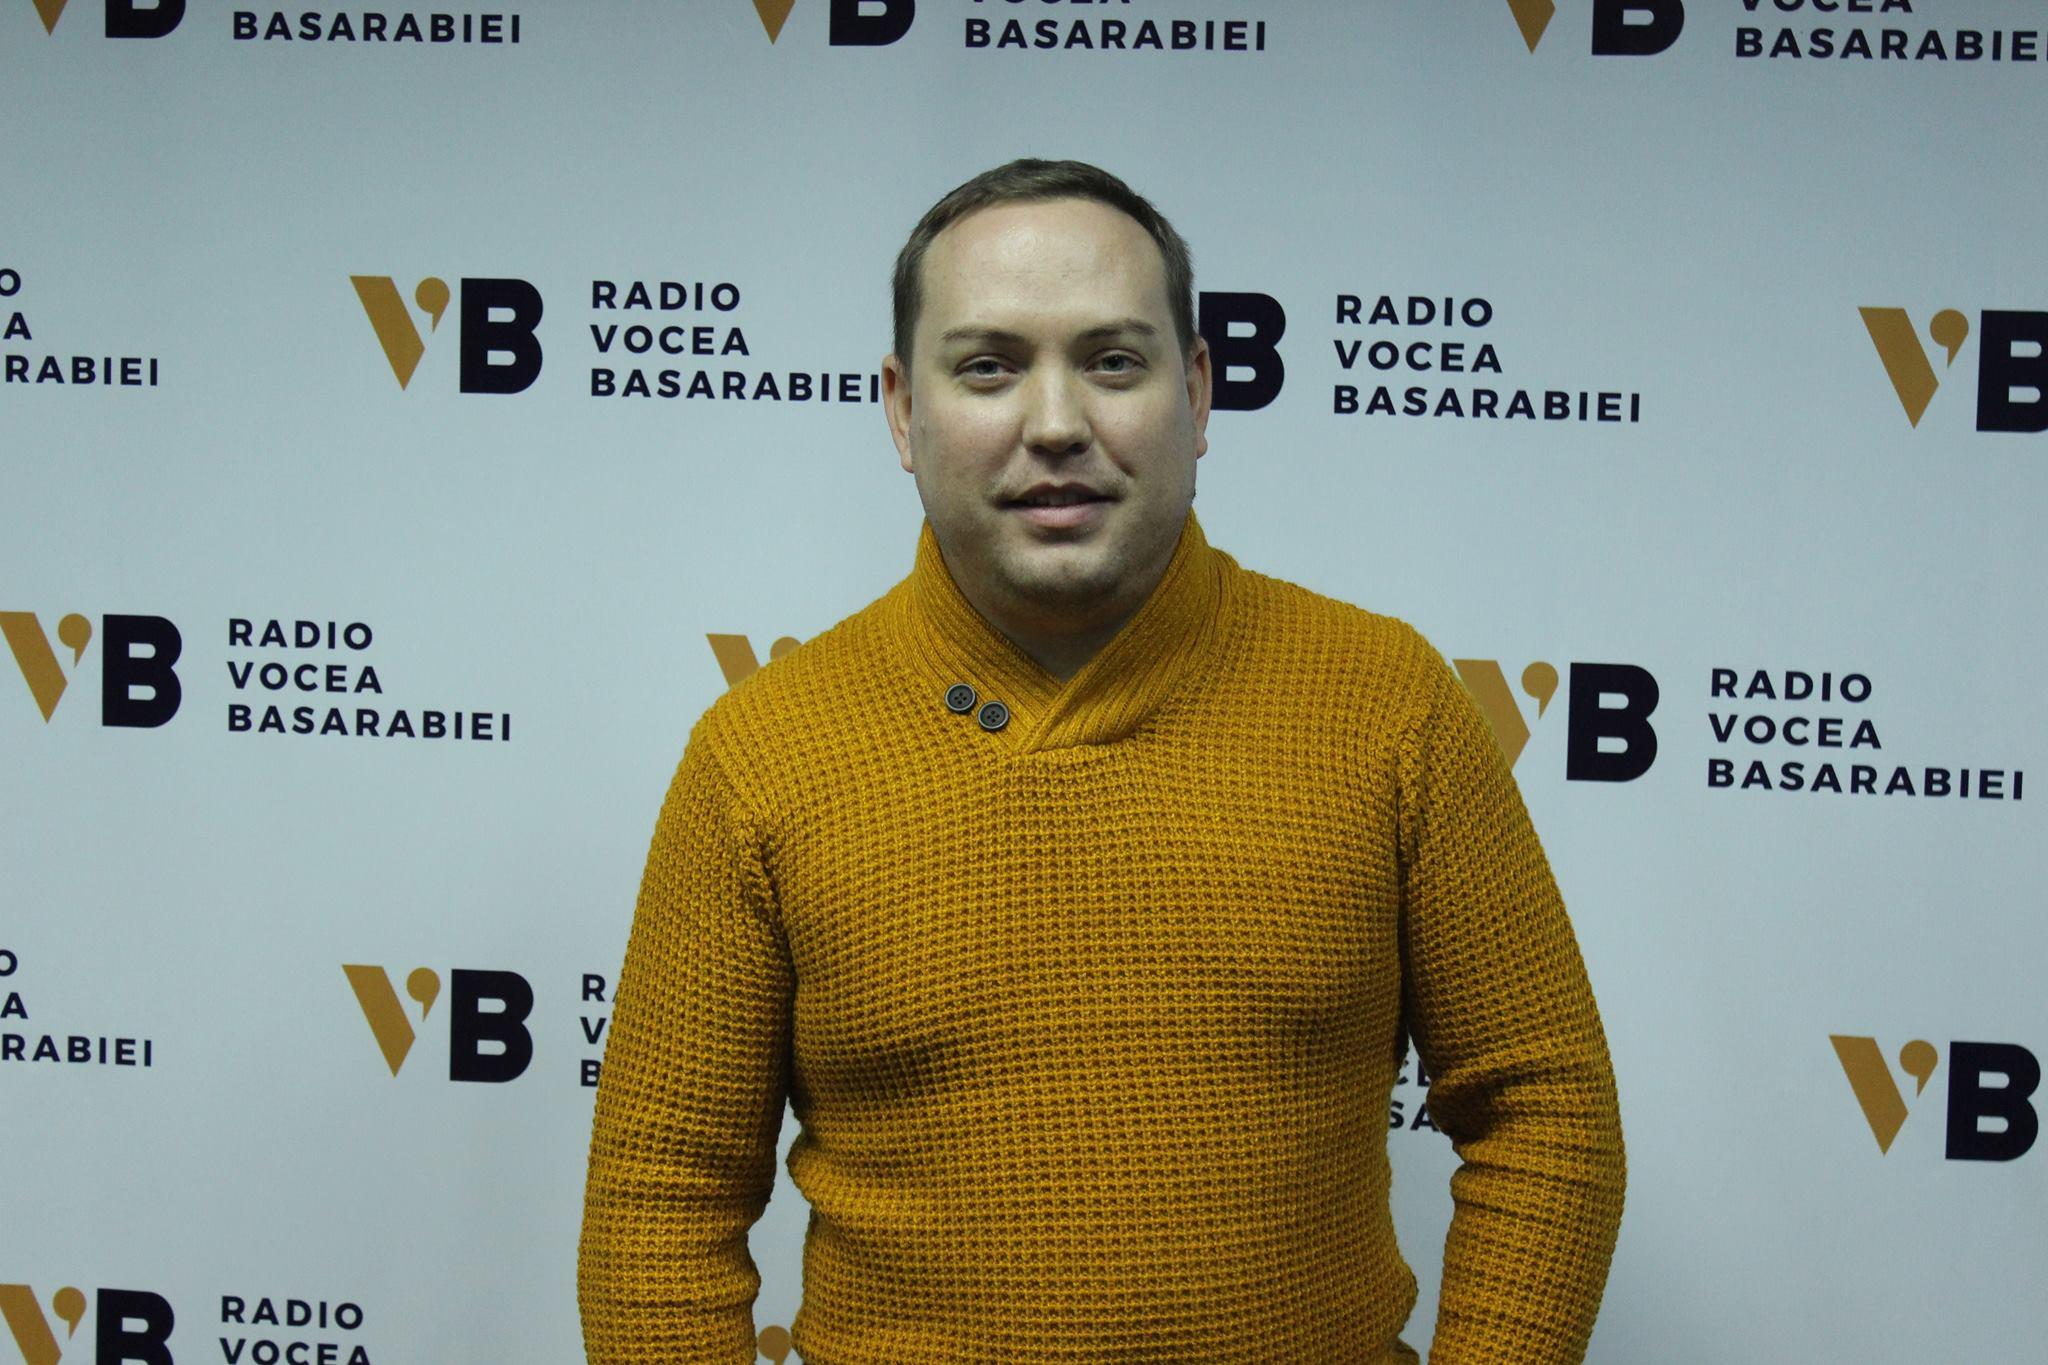 """Despre educație, francofonie și Unire la """"Întâlniri cu prietenii"""", o emisiune marca Vocea Basarabiei"""